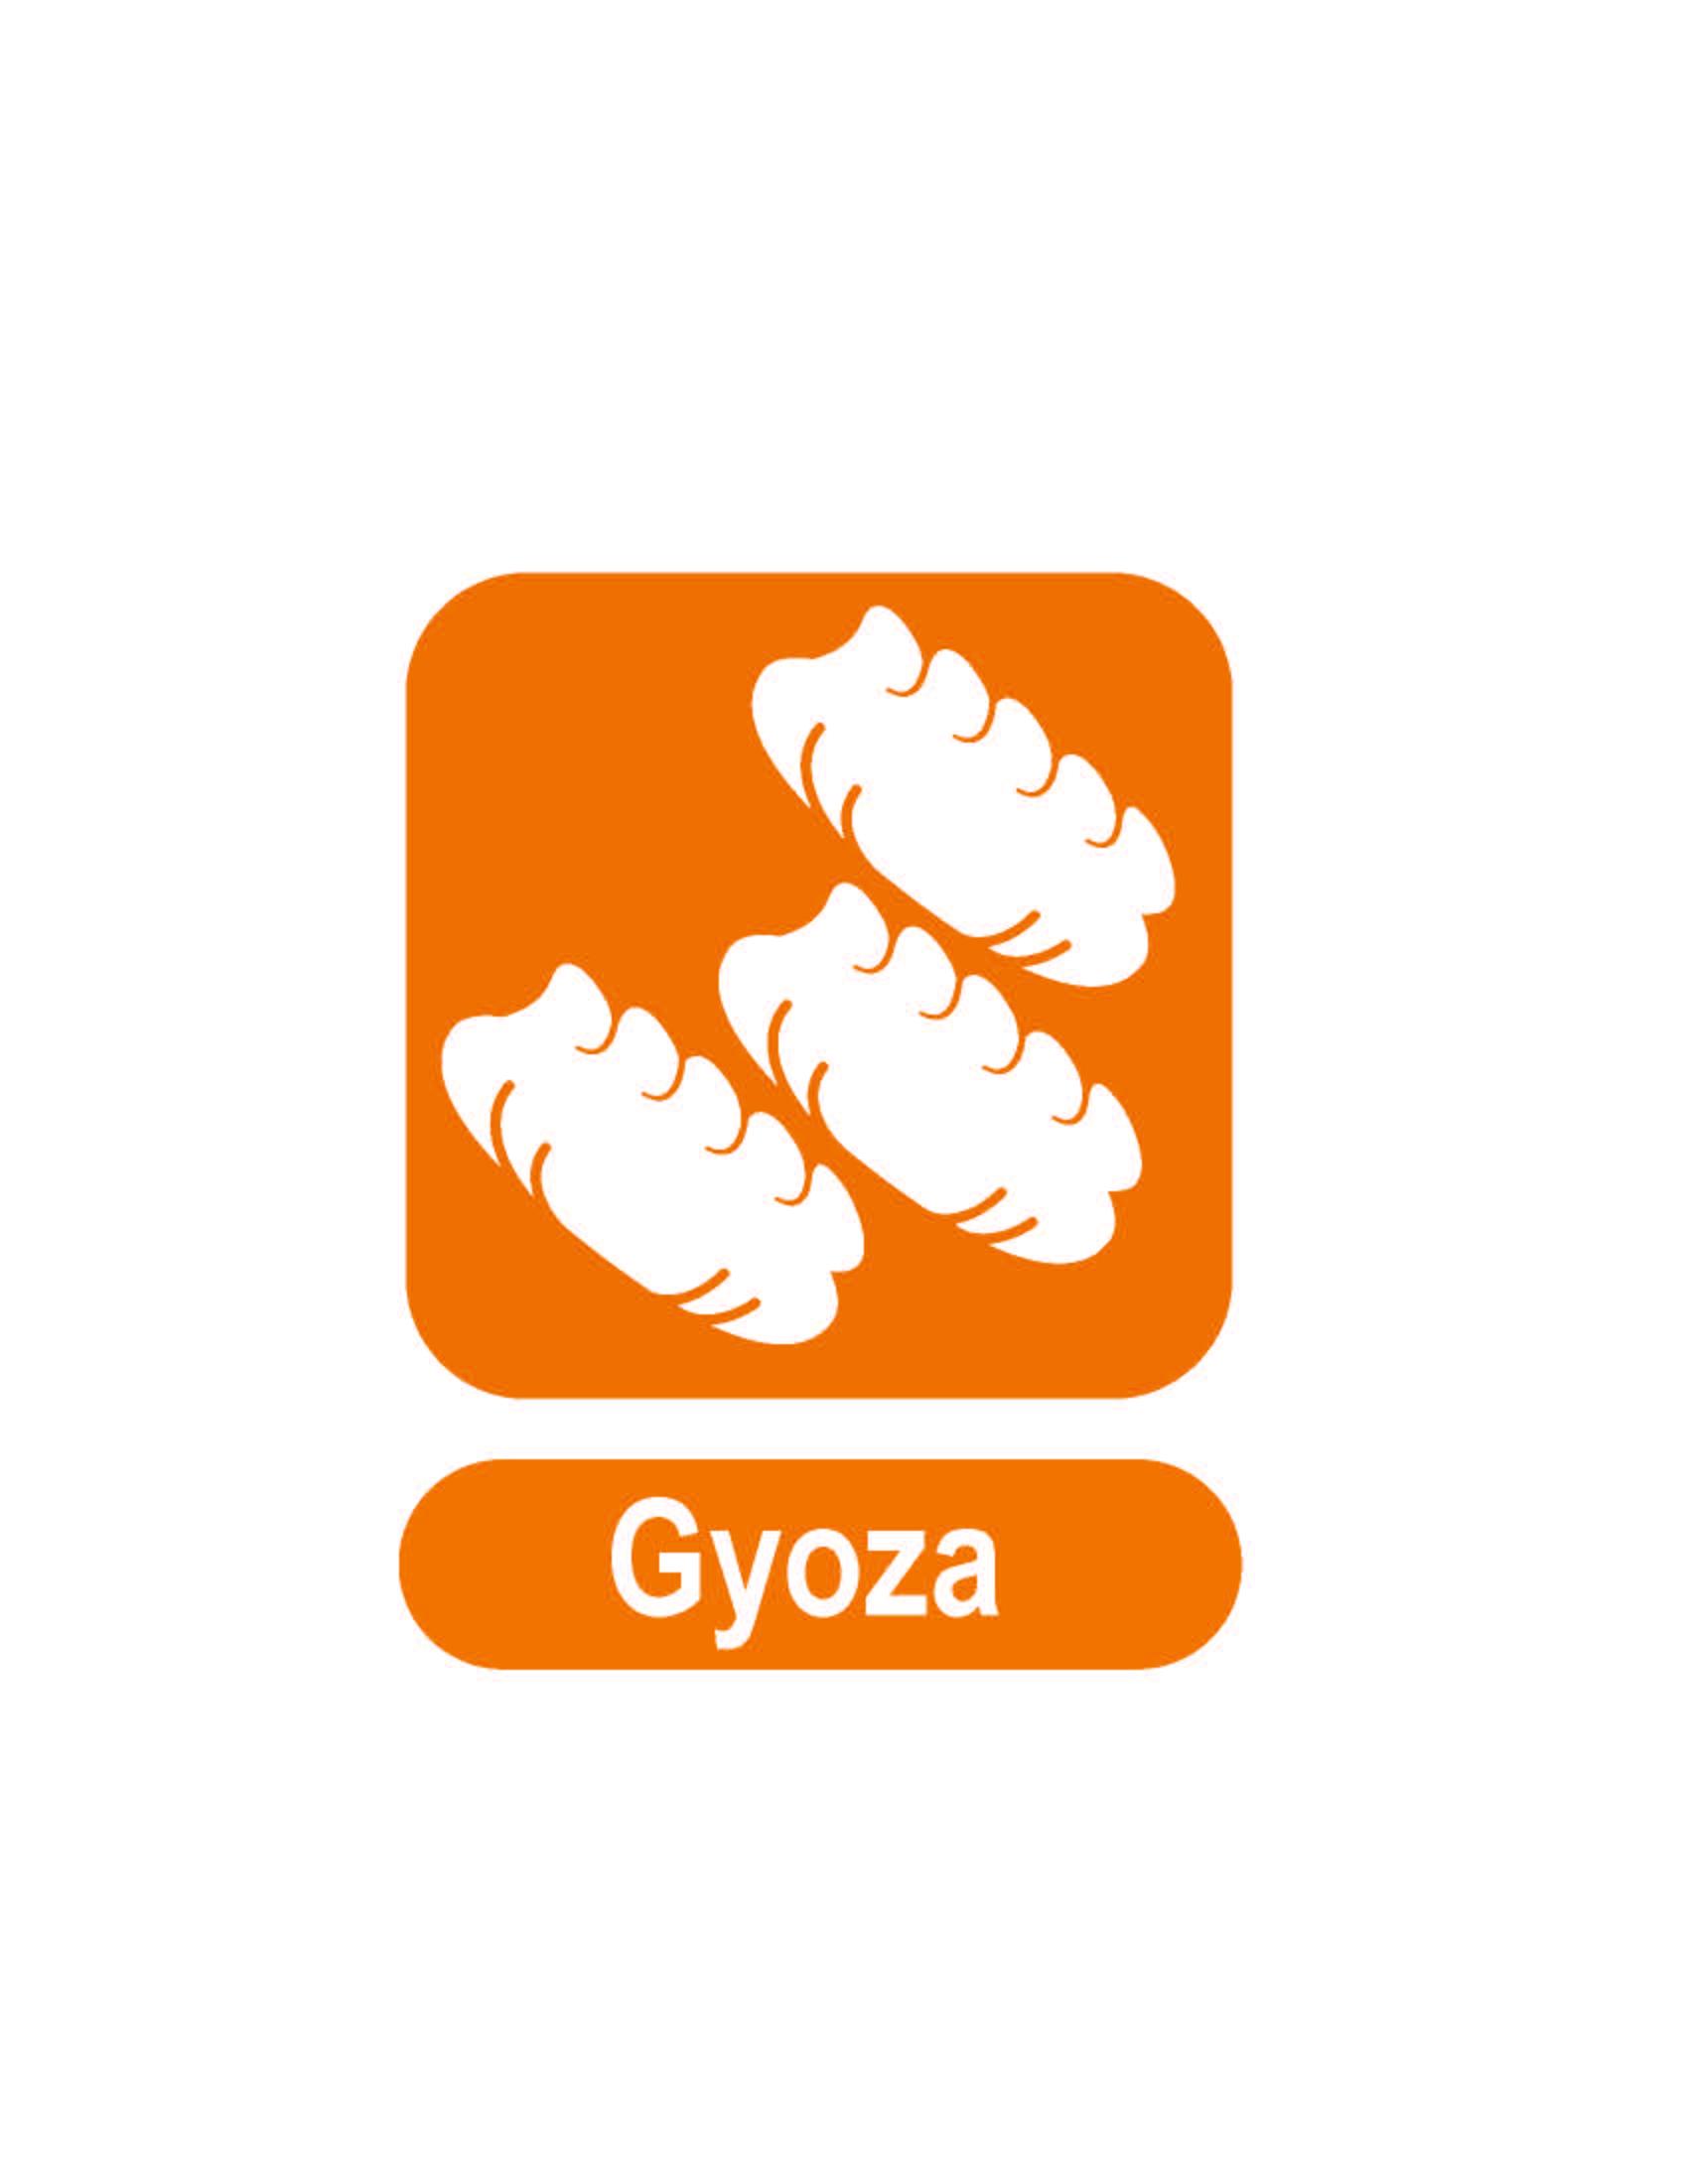 Gyoza.jpg